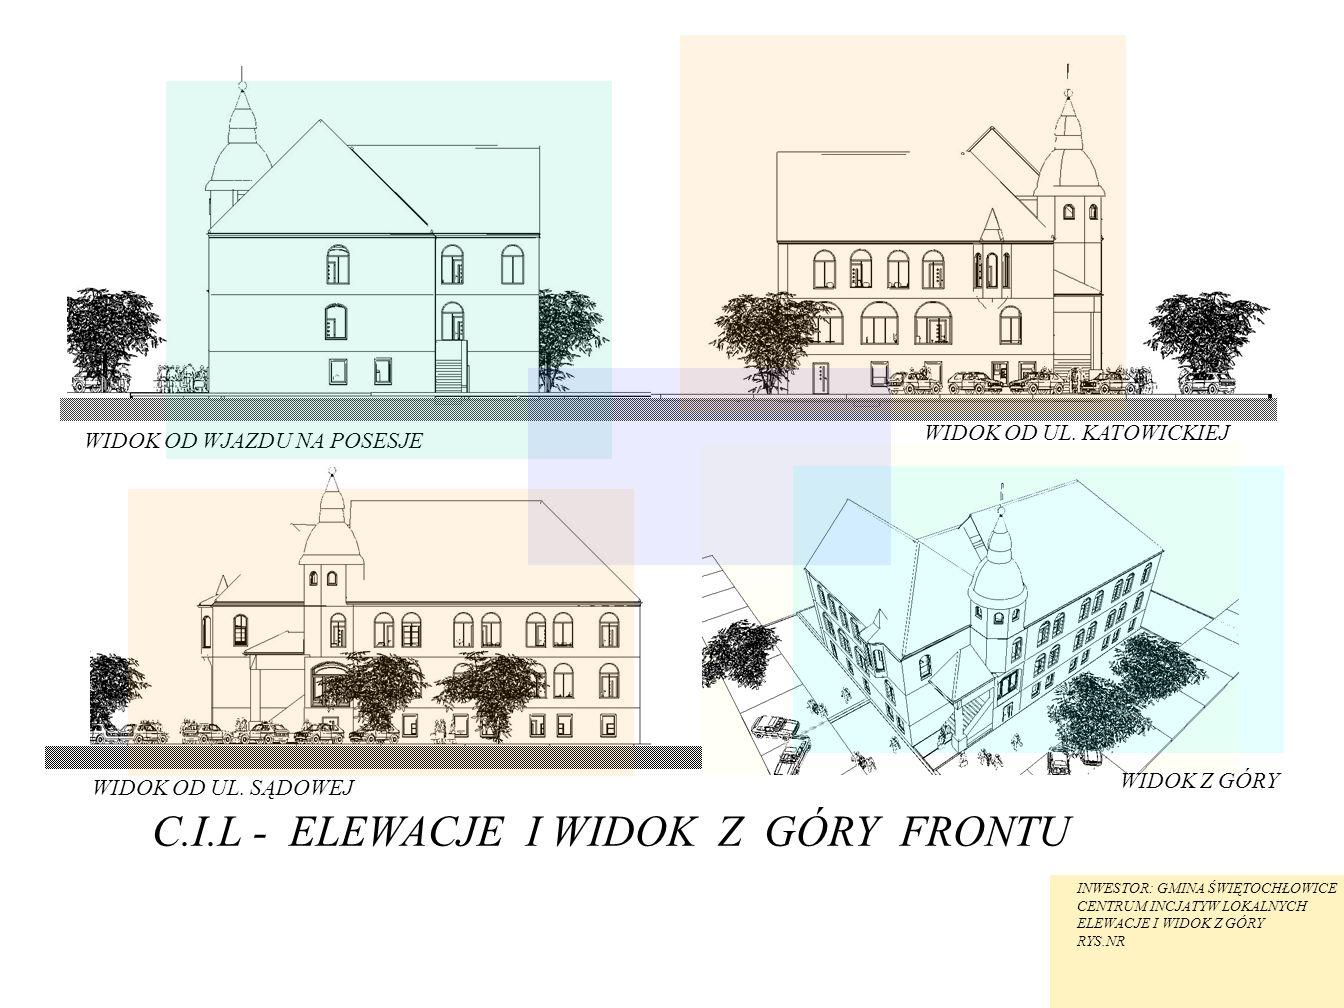 C.I.L - ELEWACJE I WIDOK Z GÓRY FRONTU